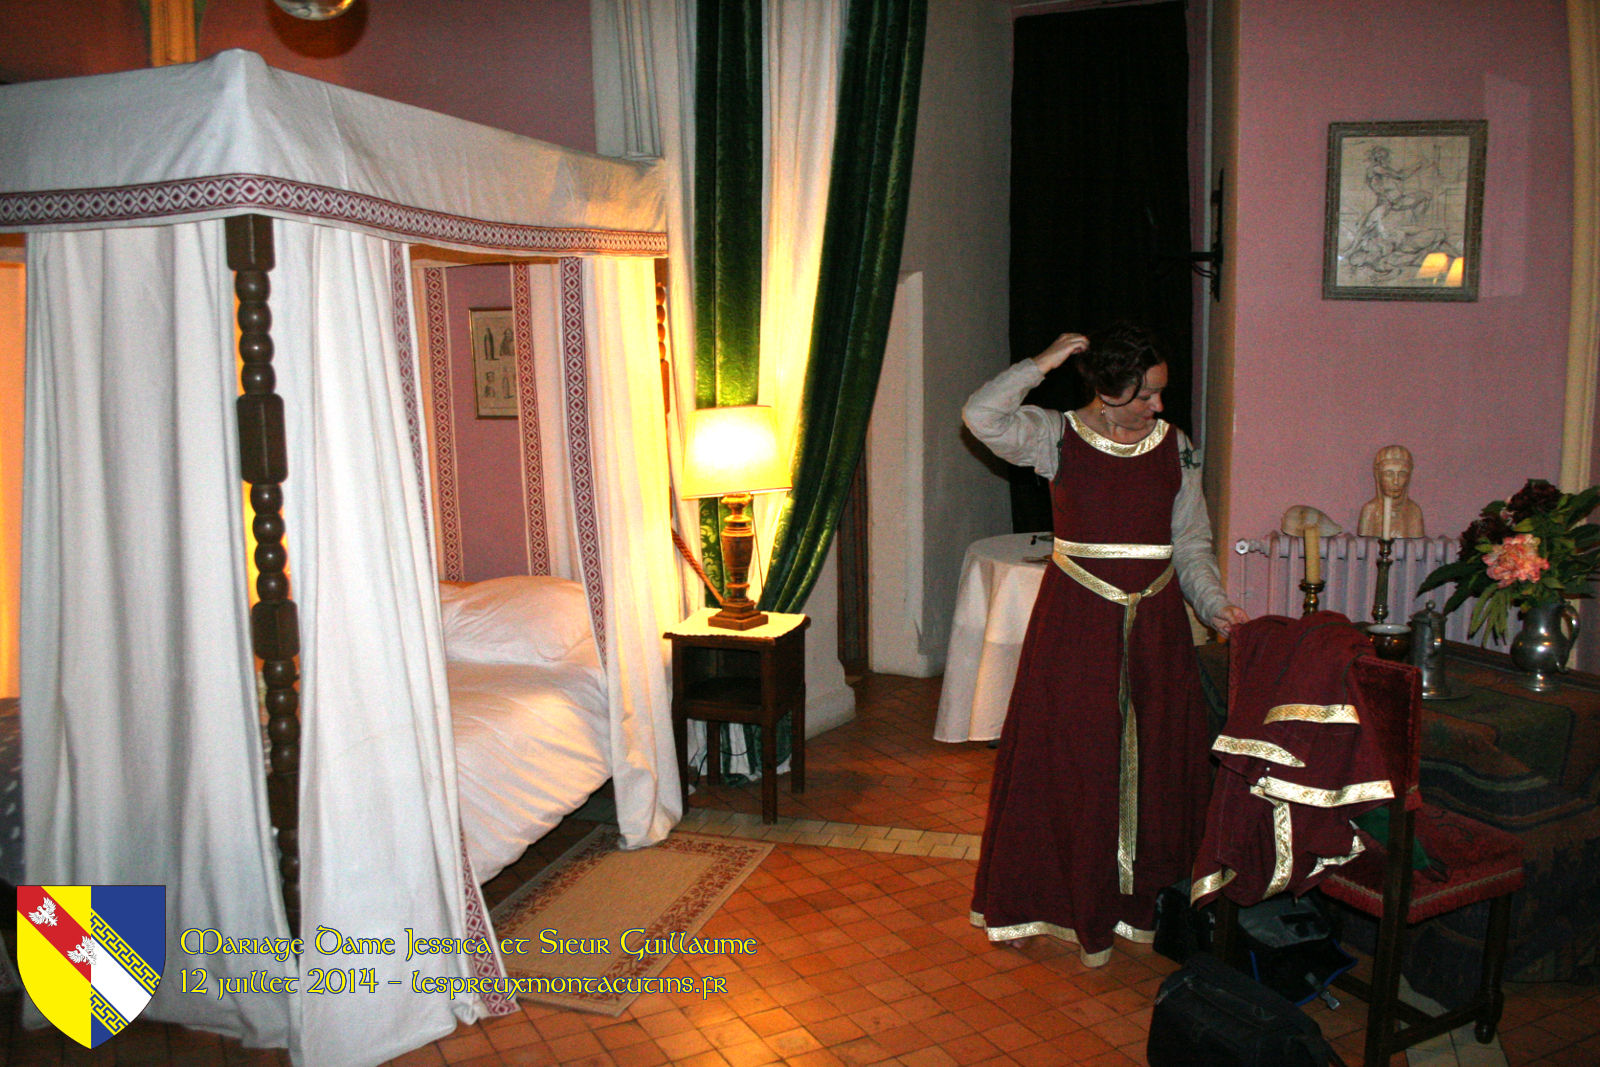 Mon mariage médiéval : le lendemain et le retour à la réalité tout en douceur